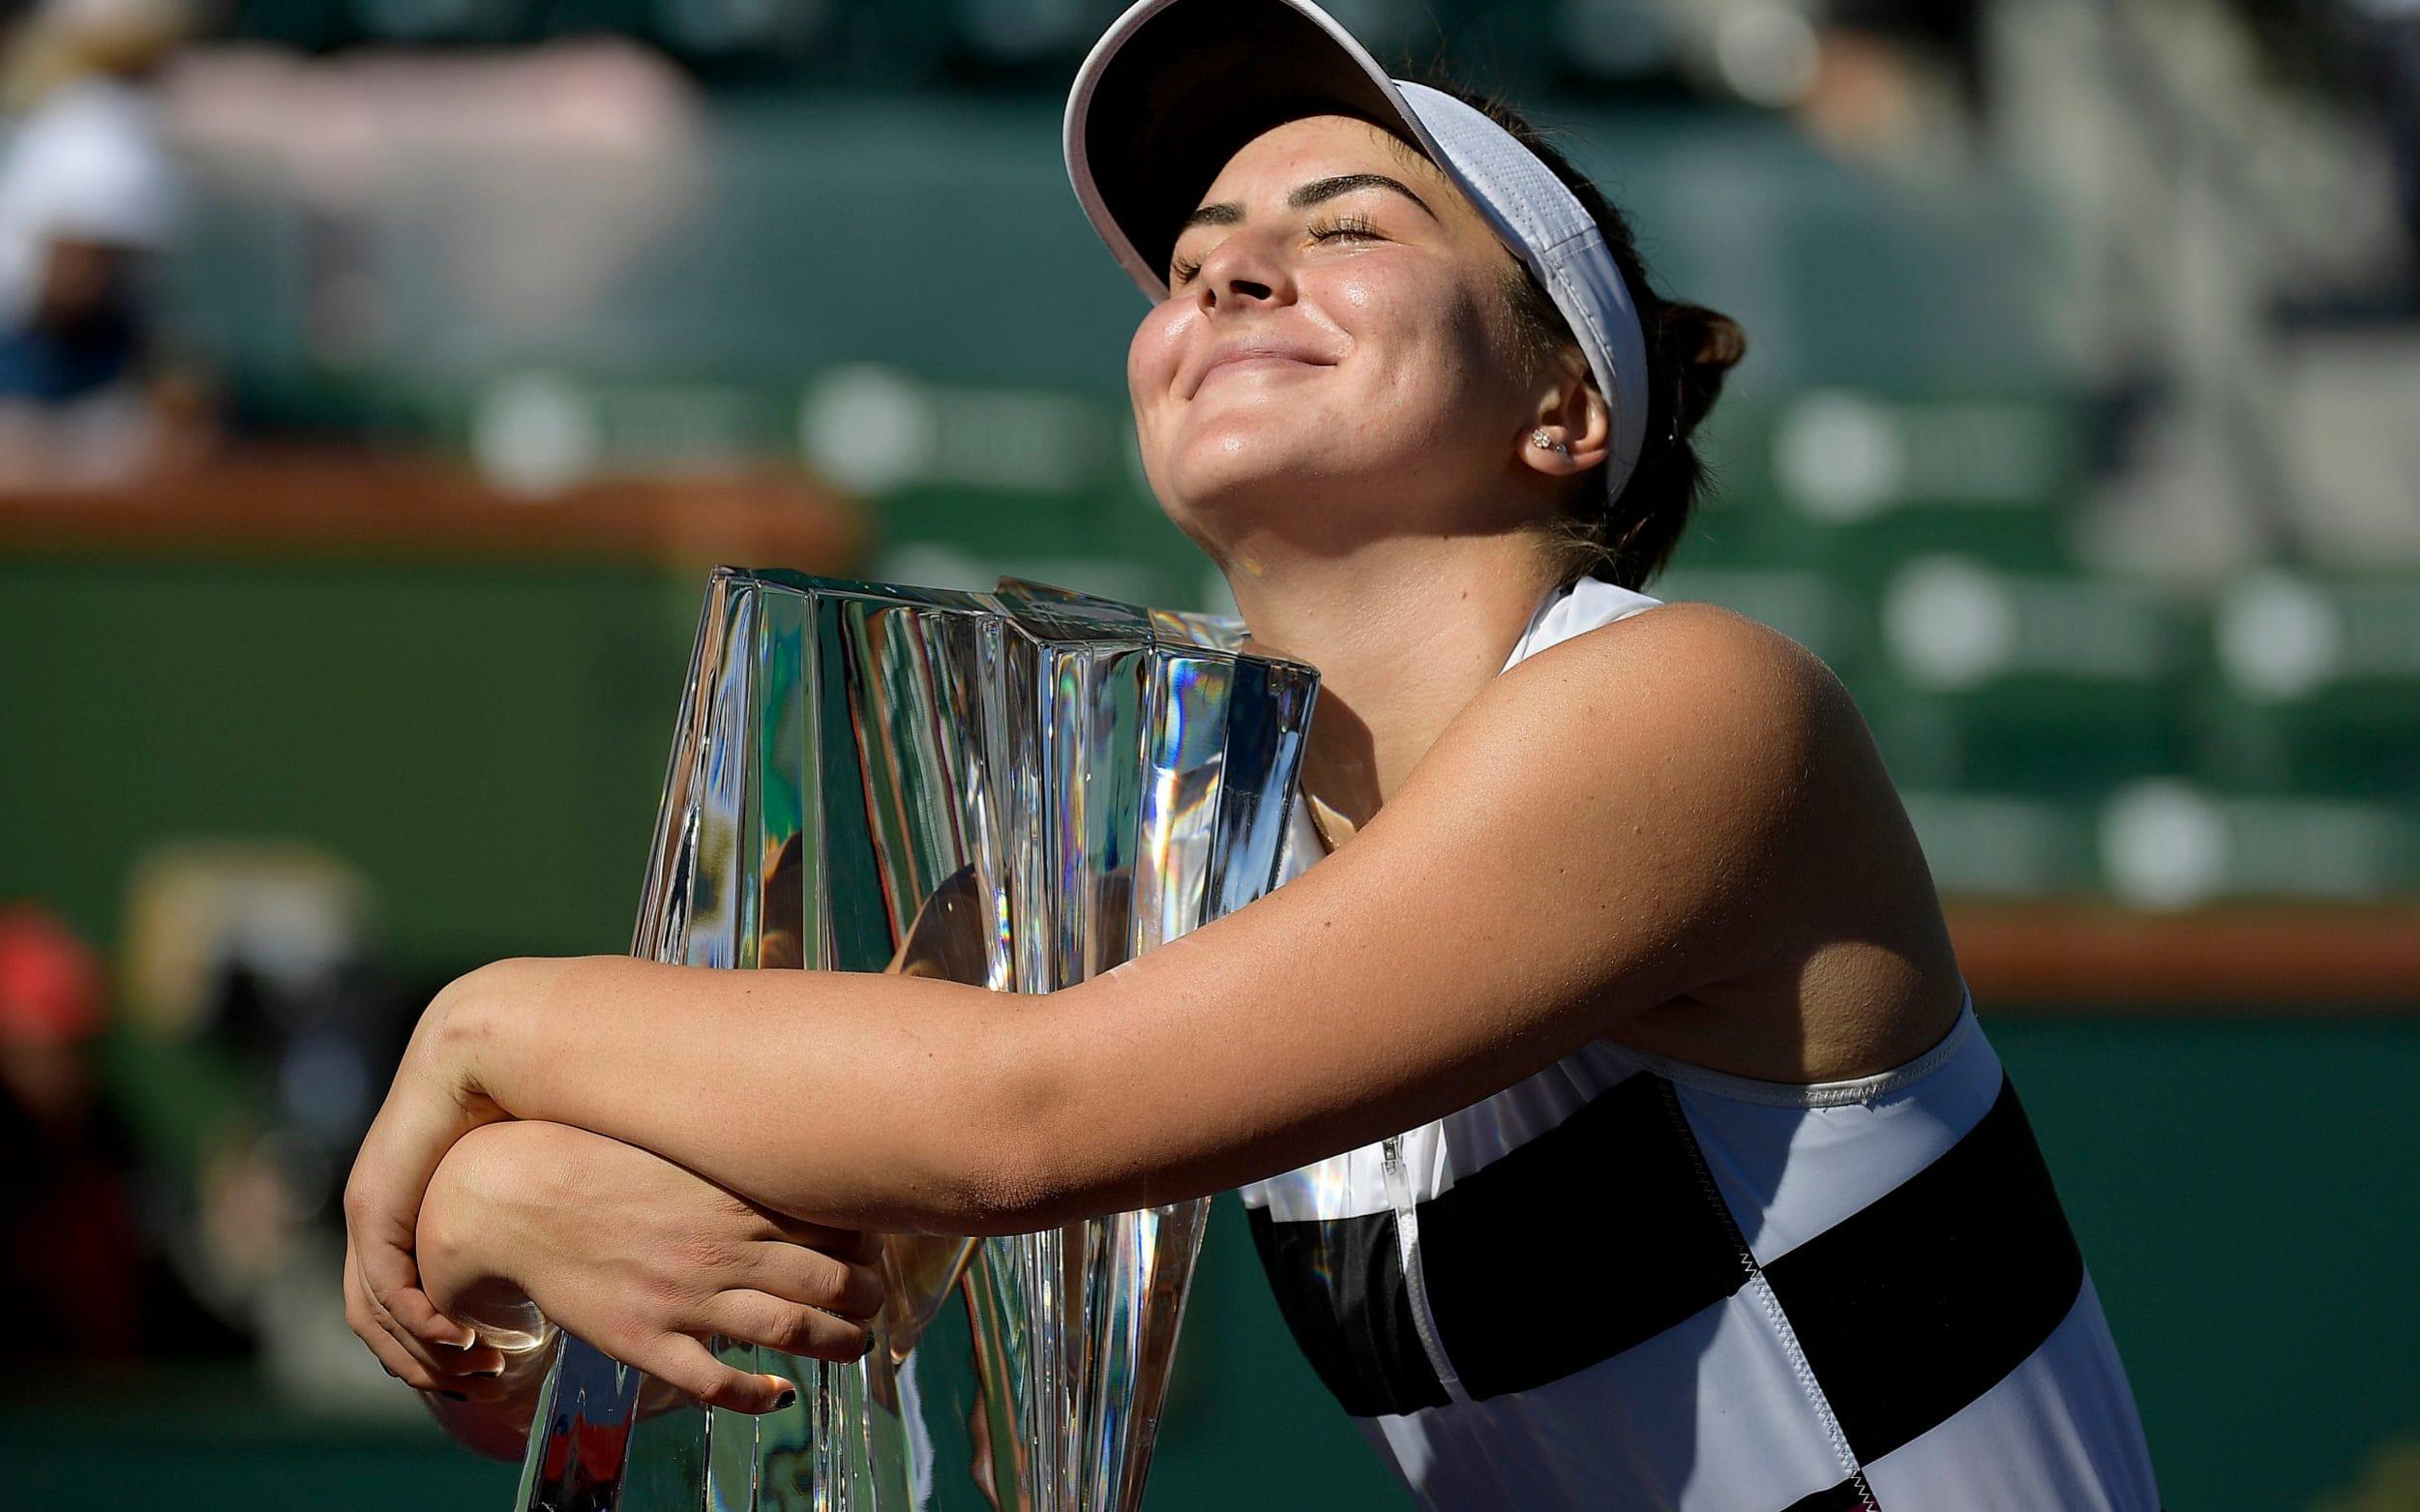 Ce trebuie să știi despre Bianca Andreescu, tenismena de 18 ani de care vei auzi mult timp de-acum încolo